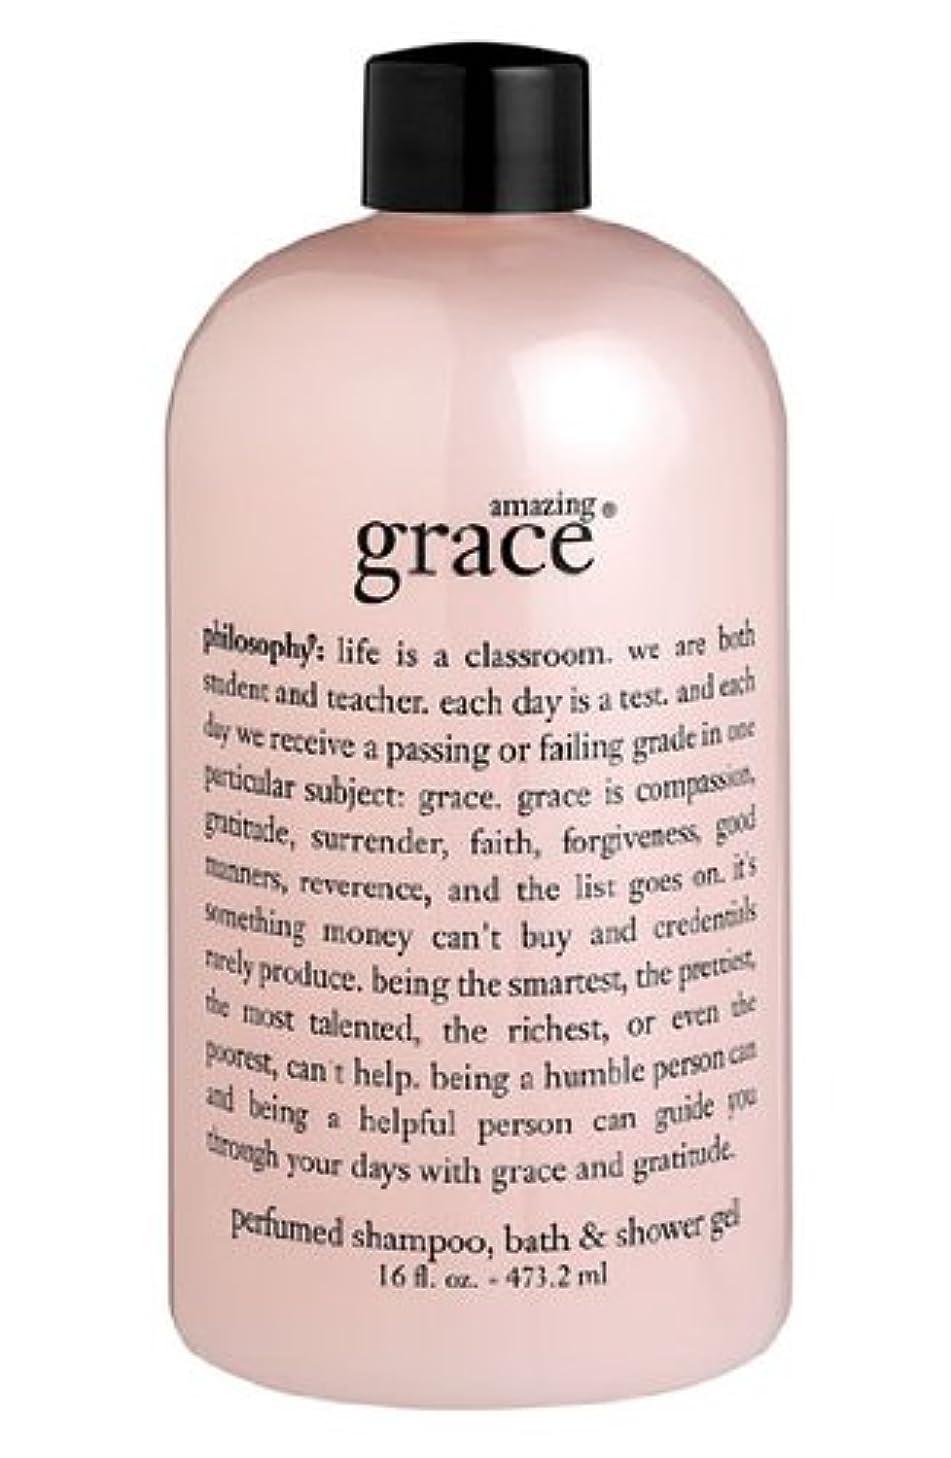 航空機遺棄されたバドミントンamazing grace shampoo, bath & shower gel (アメイジング グレイス シャンプー&シャワージェル) 16.0 oz (480ml) for Women